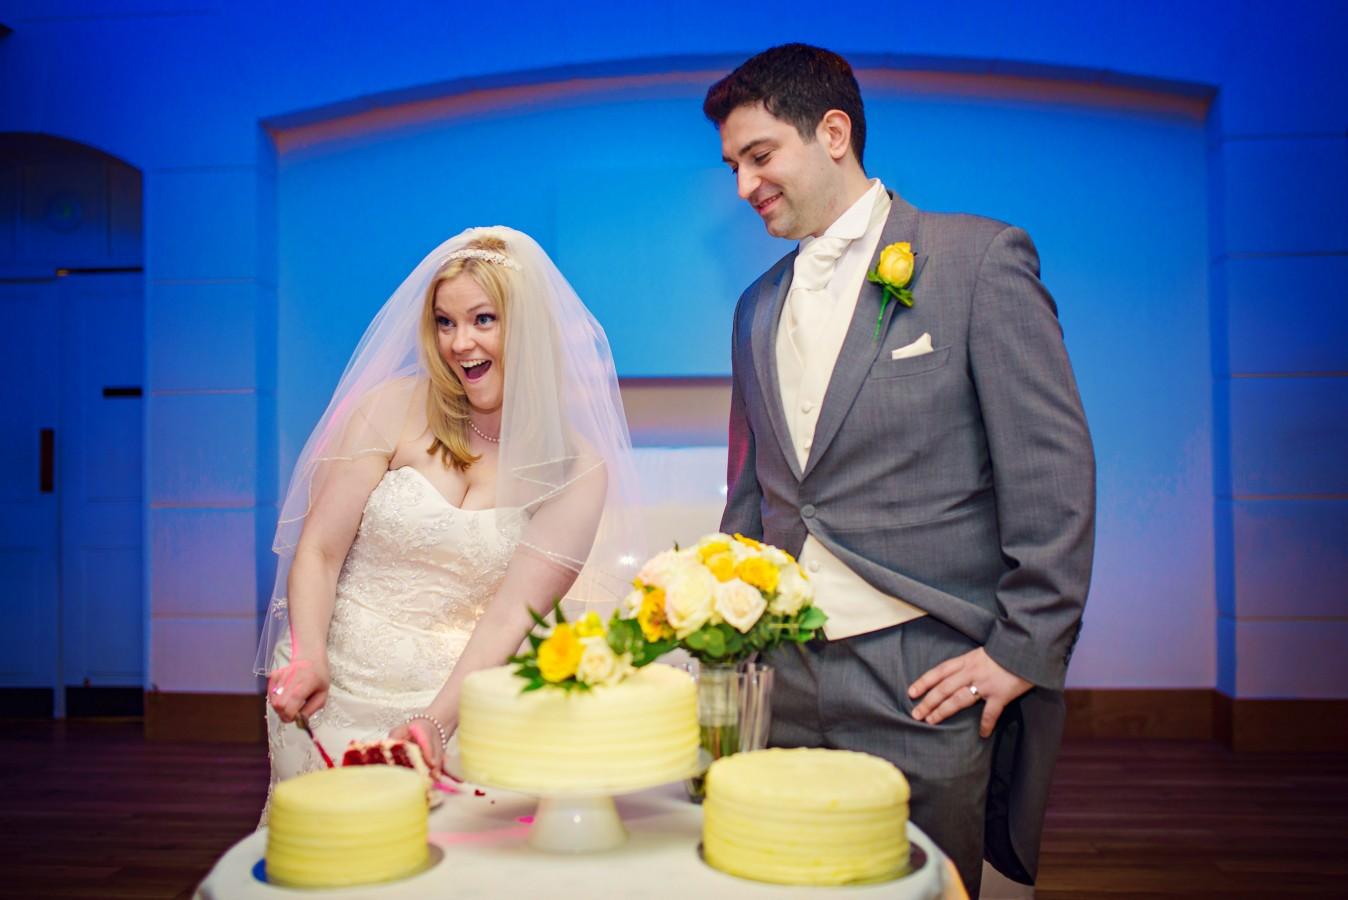 Hampshire Wedding Photographer - GK Photography-20